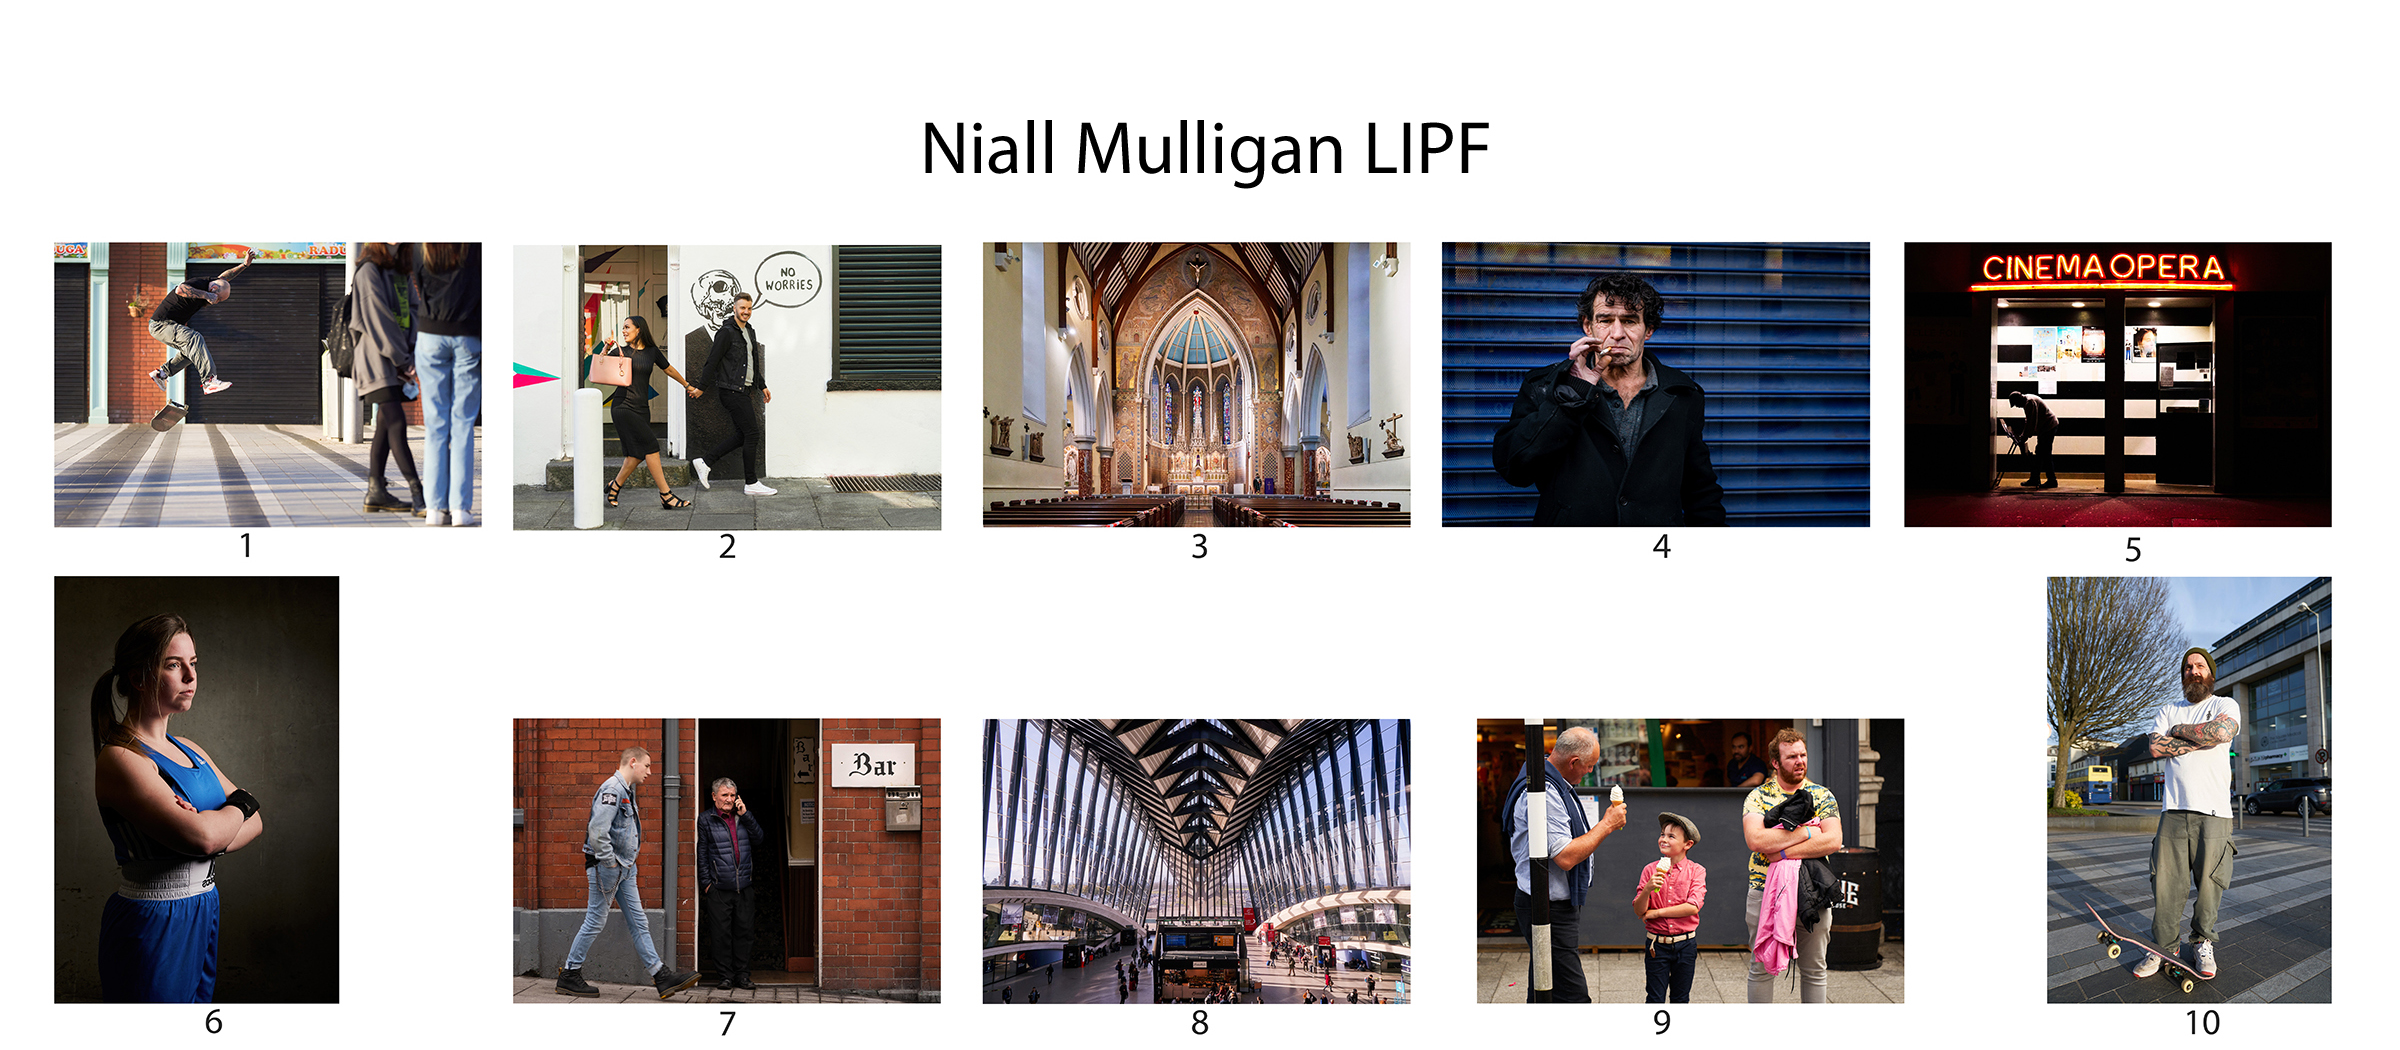 L03-Niall-Mulligan